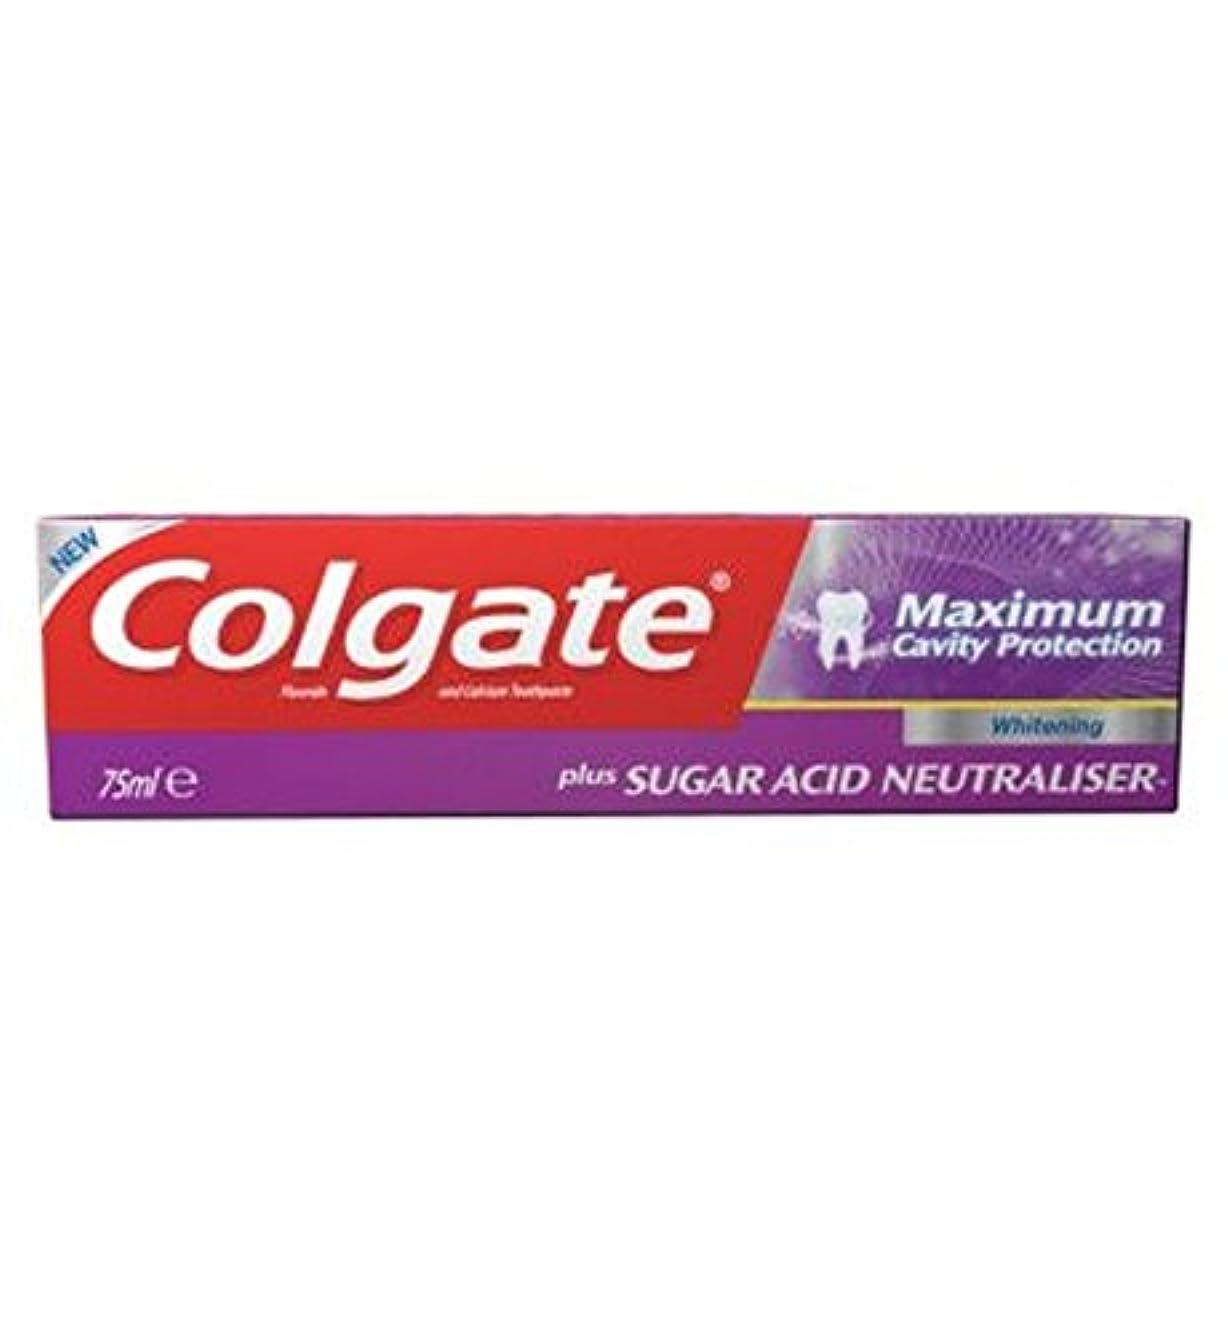 頻繁に有効おもしろい歯磨き粉75ミリリットルをホワイトニングコルゲート最大空洞の保護に加えて、糖酸中和剤 (Colgate) (x2) - Colgate Maximum Cavity Protection plus Sugar Acid...